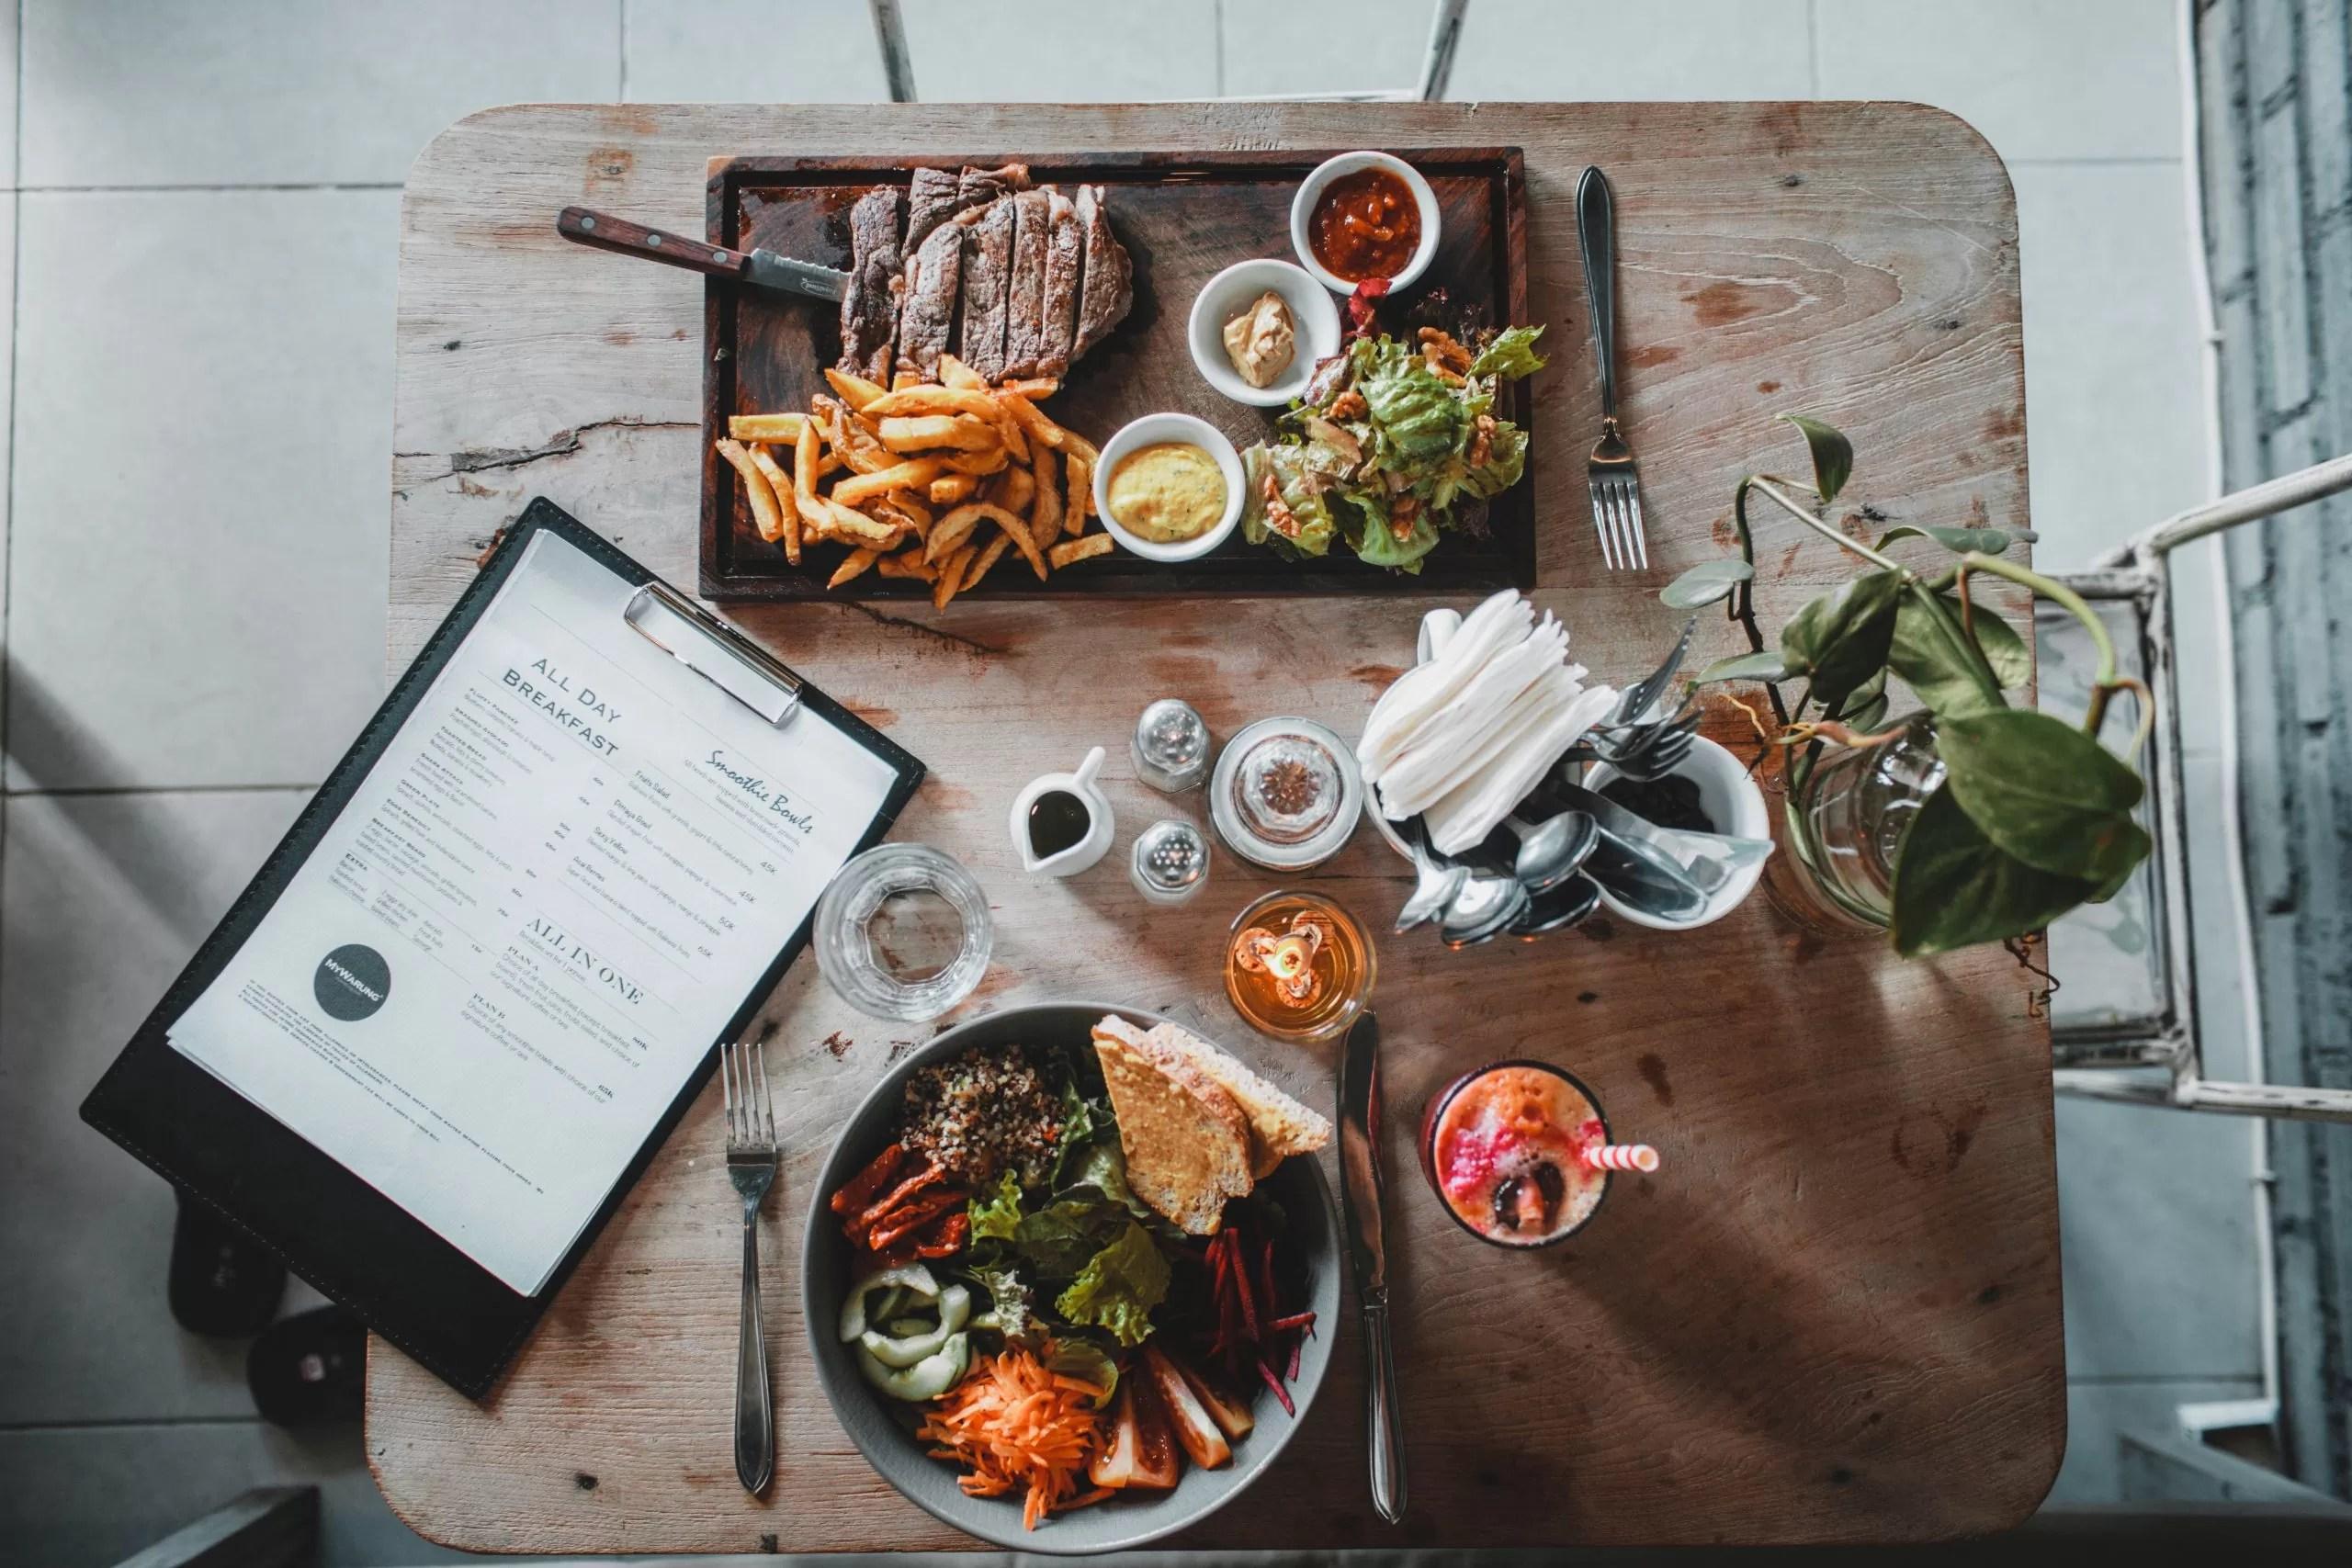 Cocinar con Inteligencia Artificial - Tienda Gourmet Emporio LaMarta